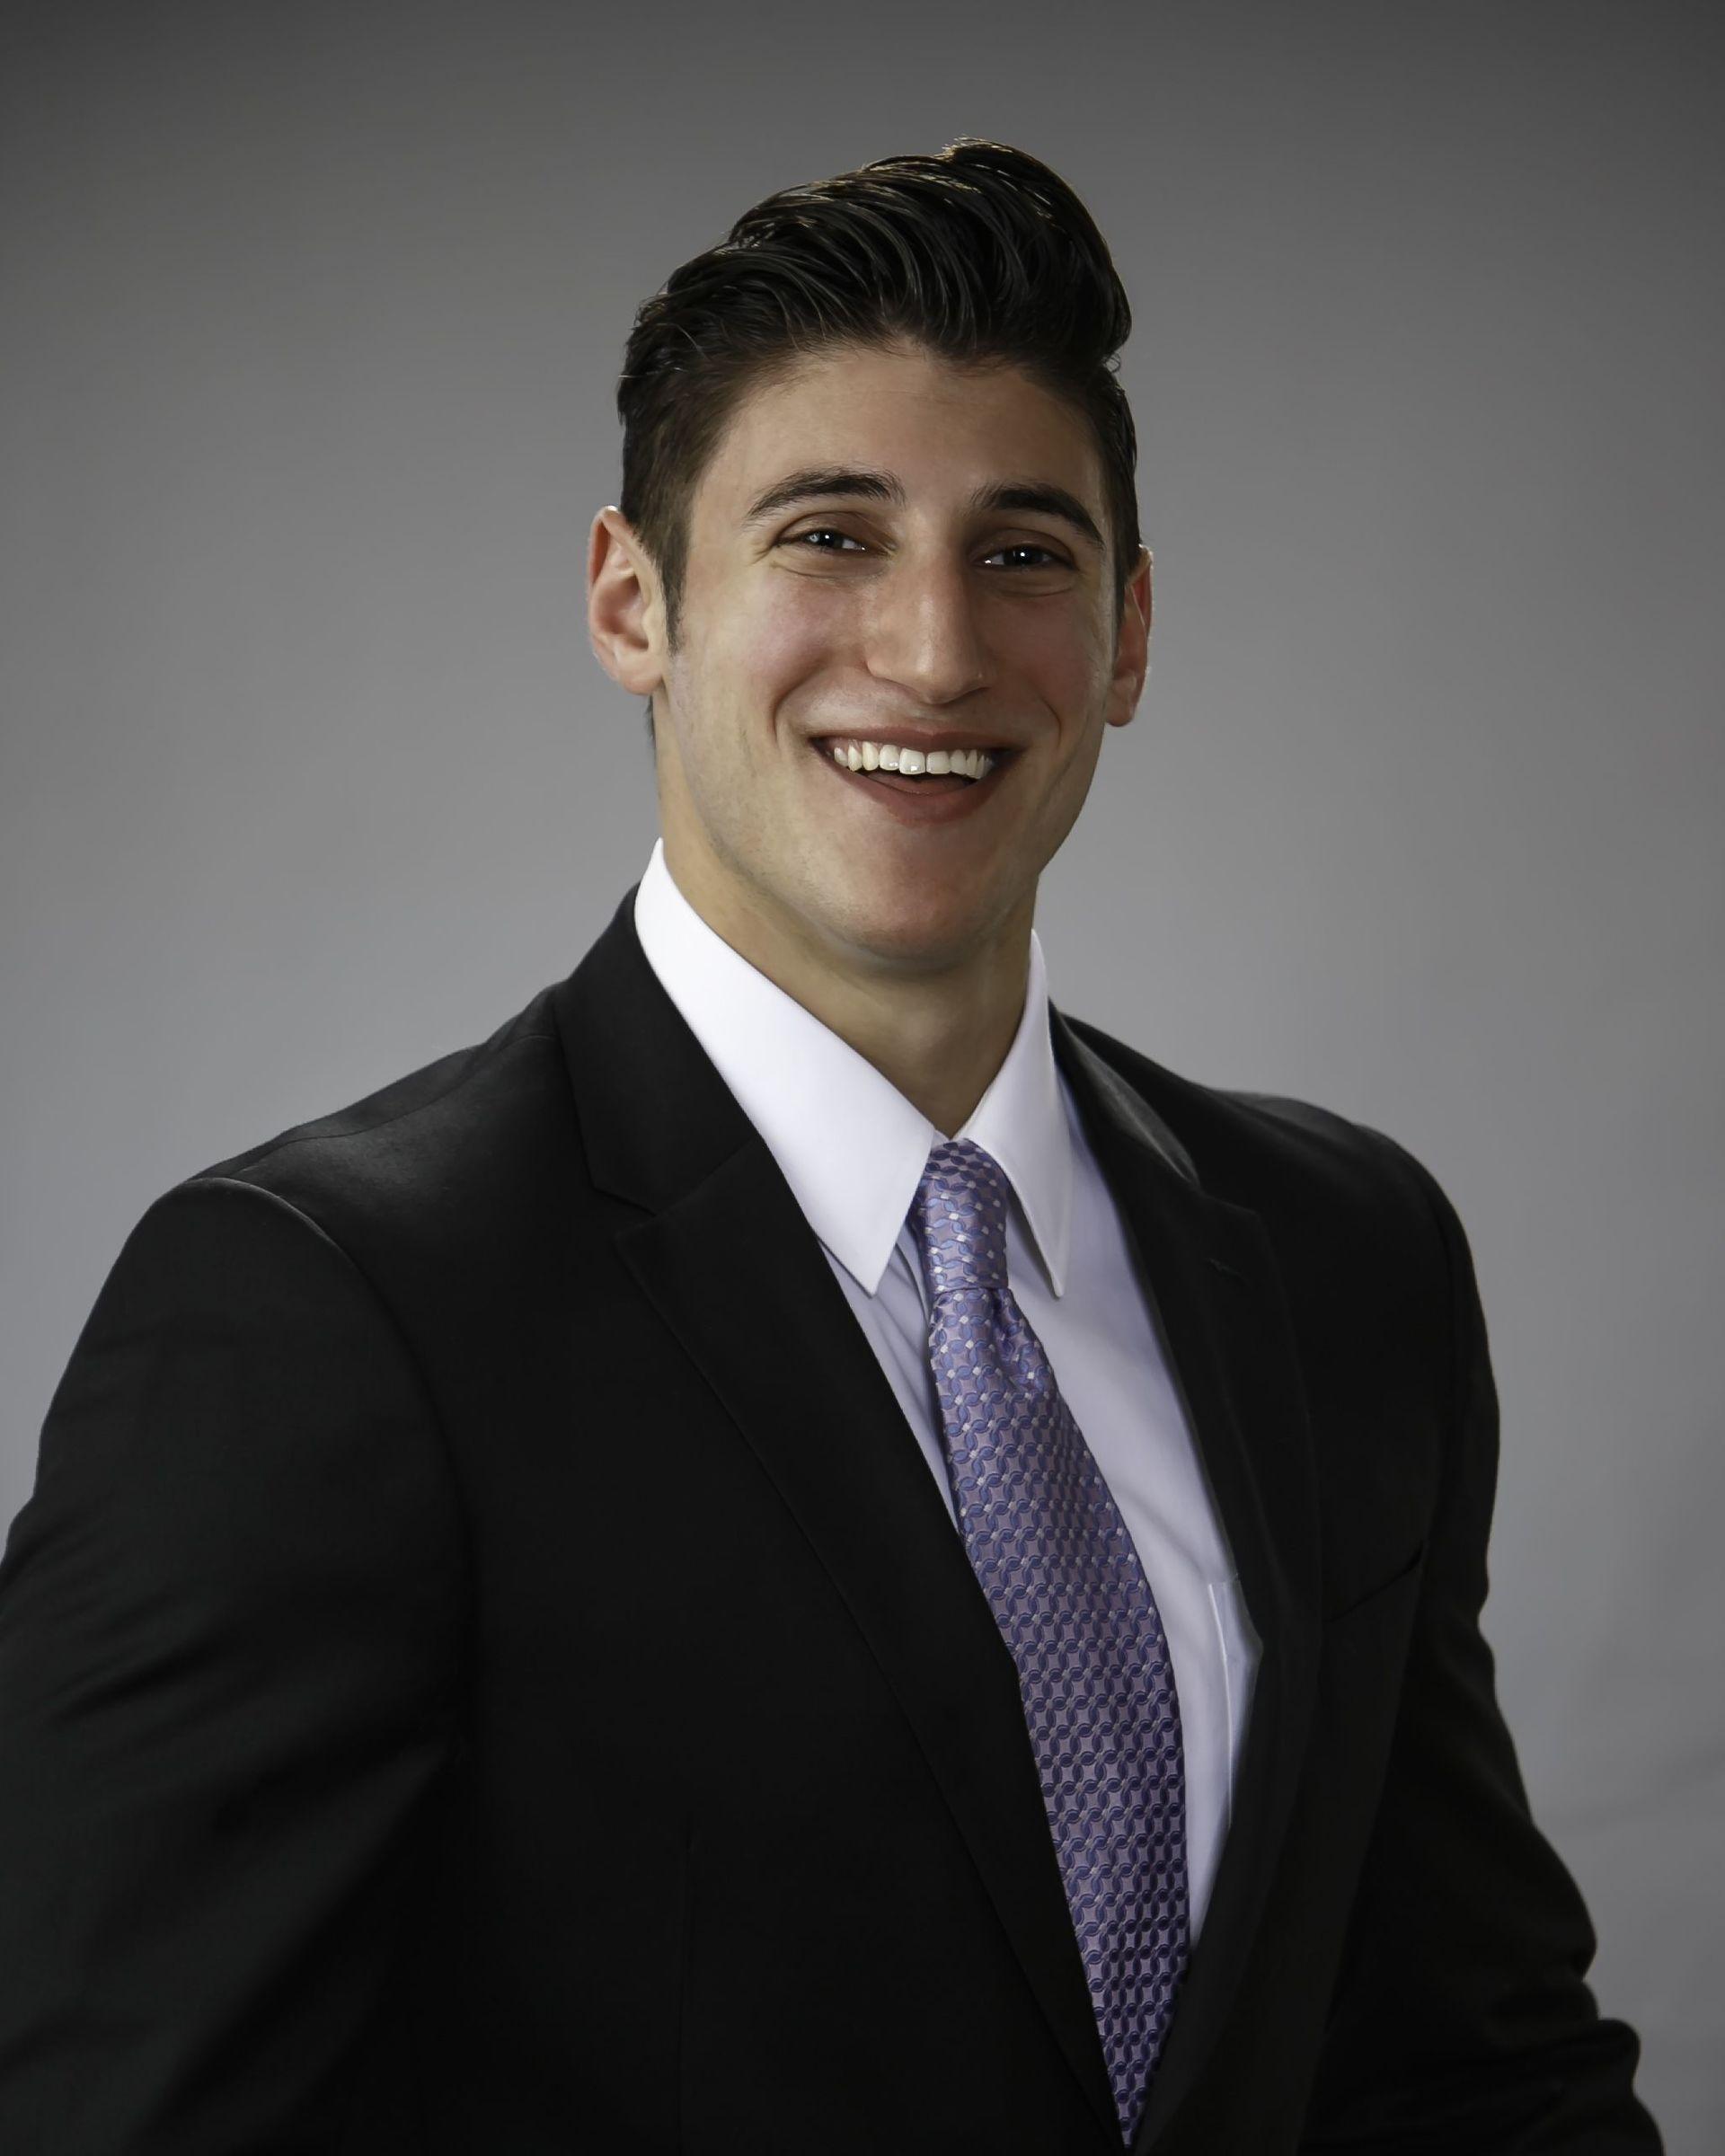 Jason Wittenstein